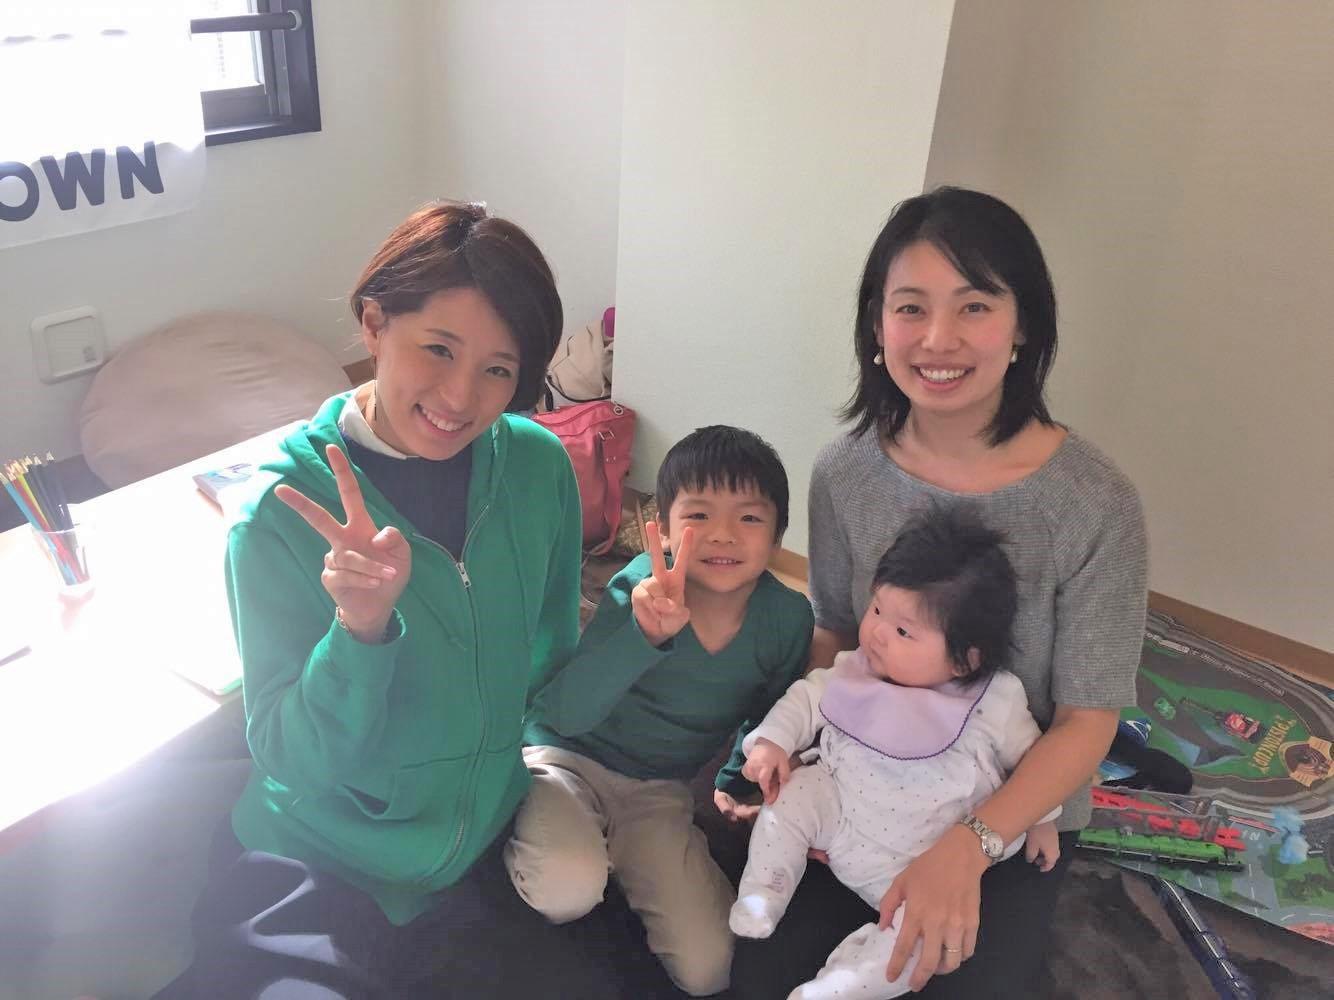 道村社長、れお君、れお君のお母さんとお子さん